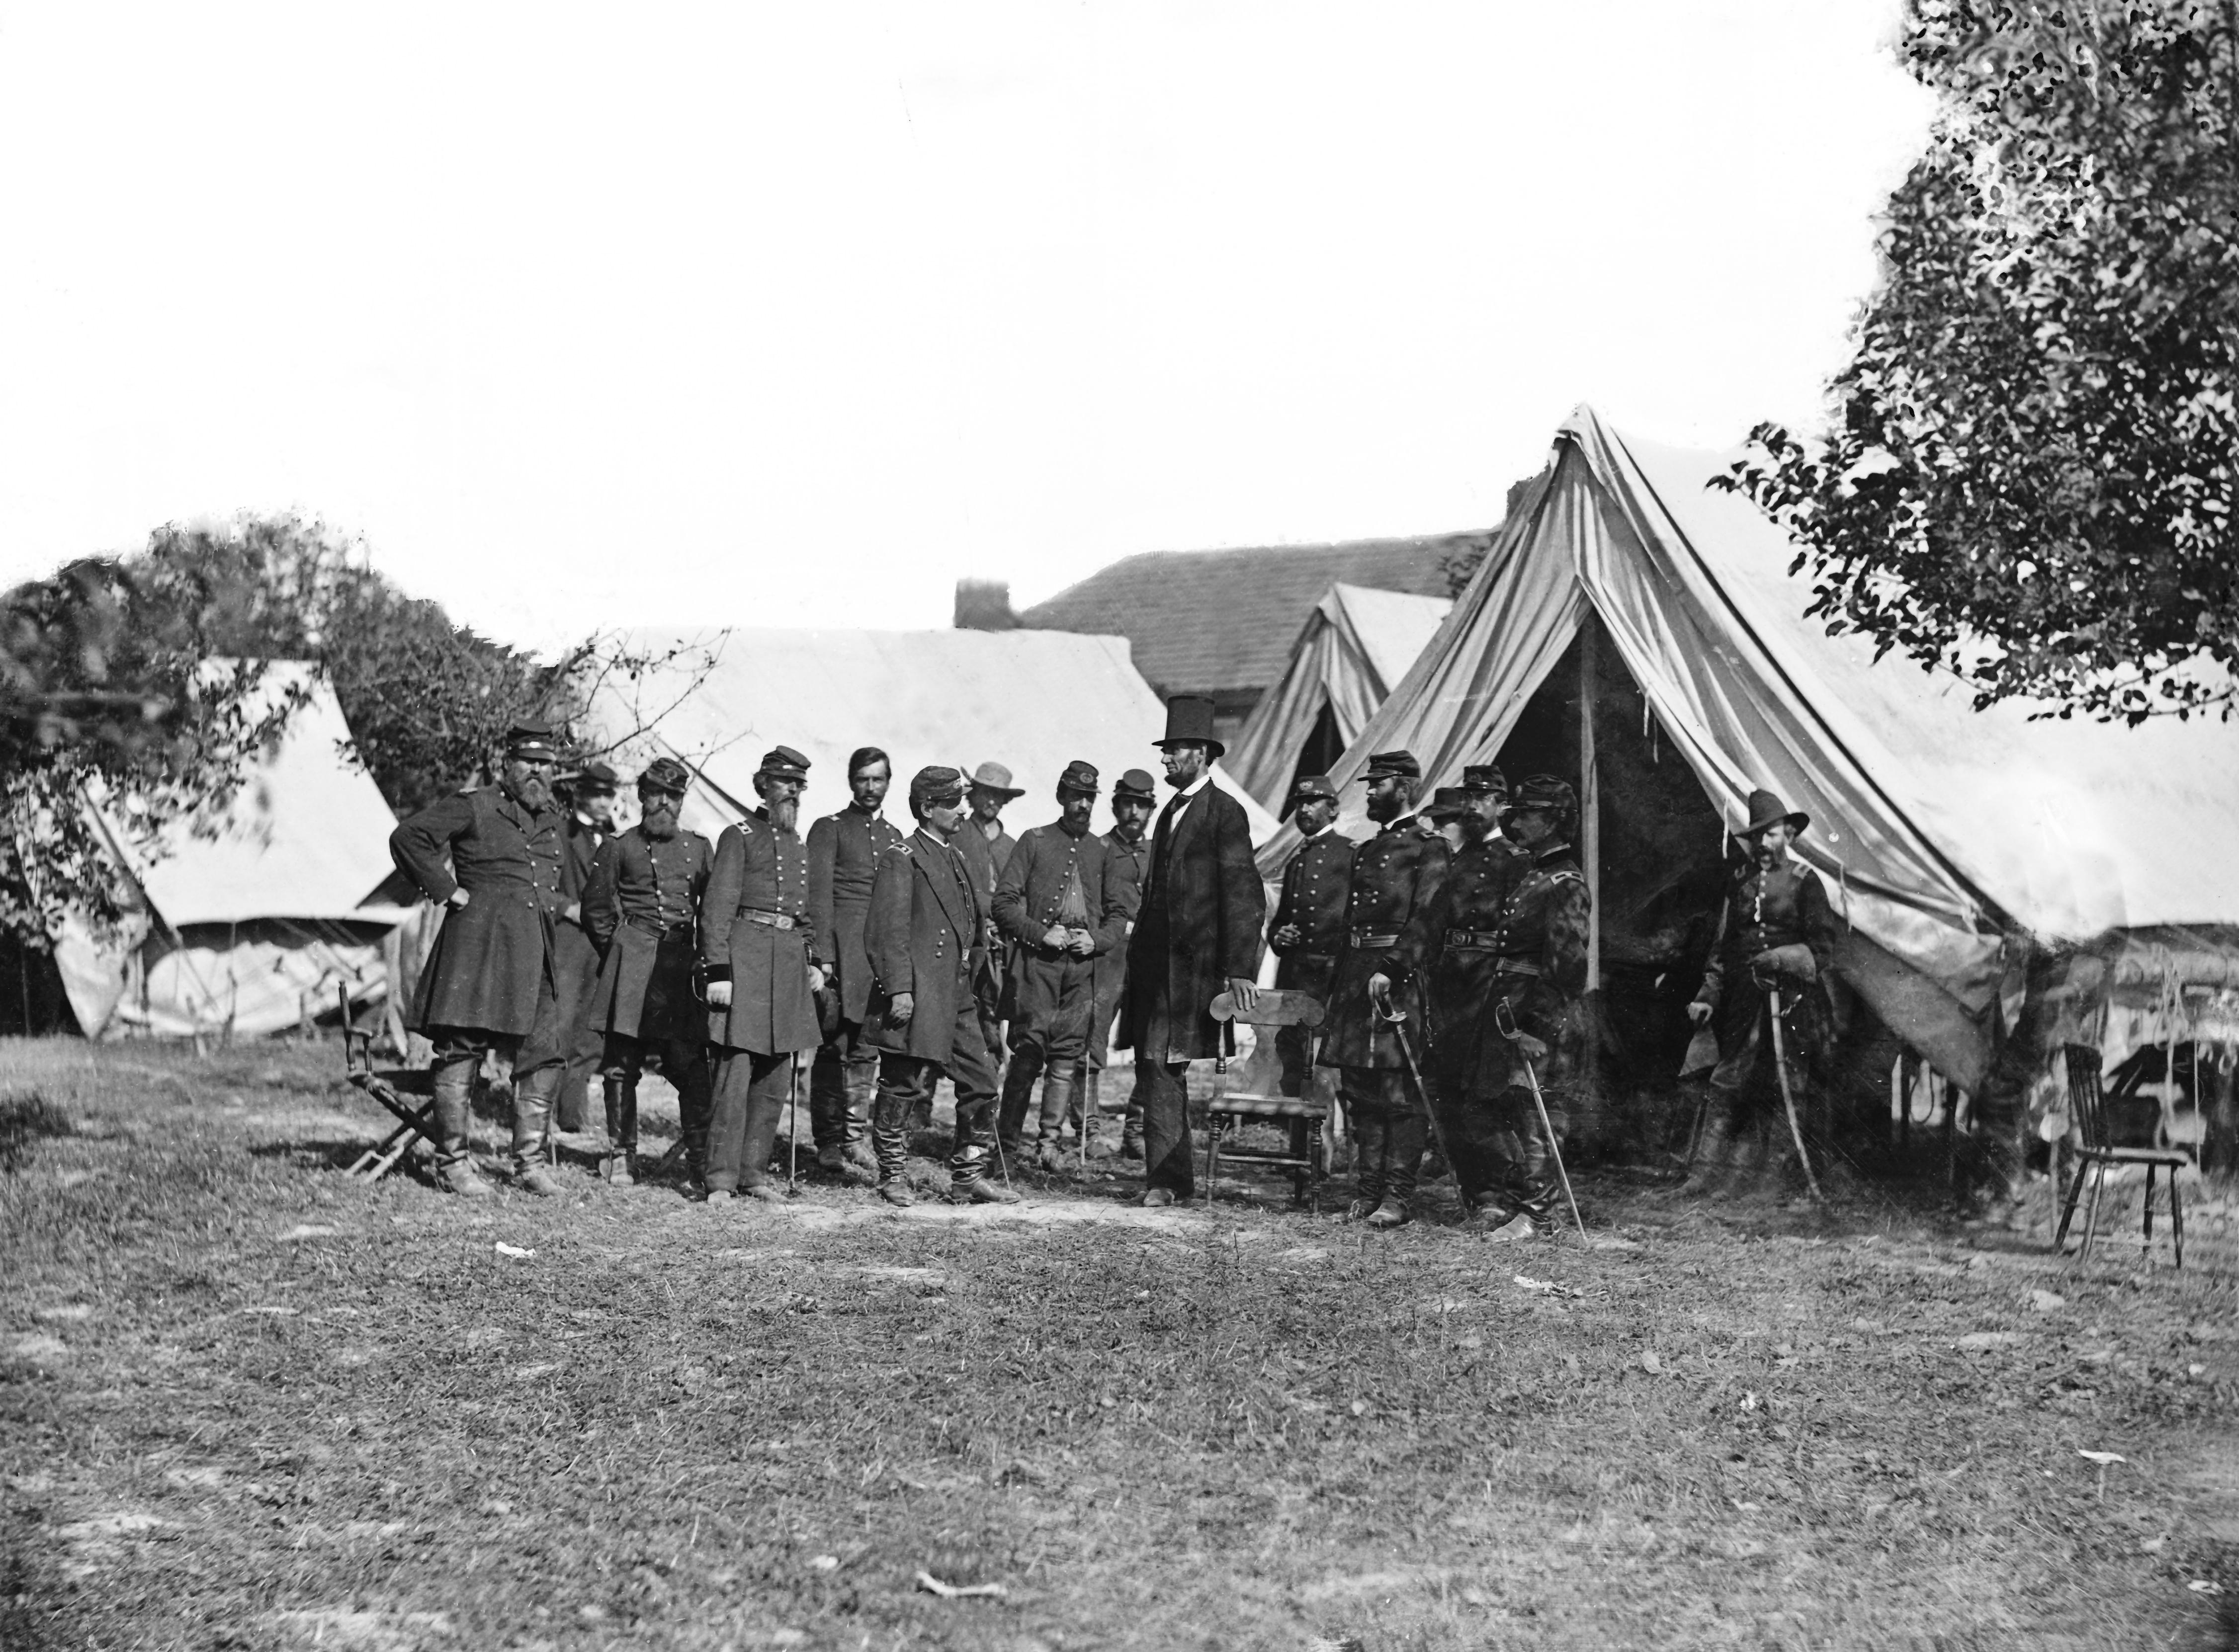 Lincoln and generals at Antietam - 5 Daftar Kekalahan Besar Militer Amerika Serikat